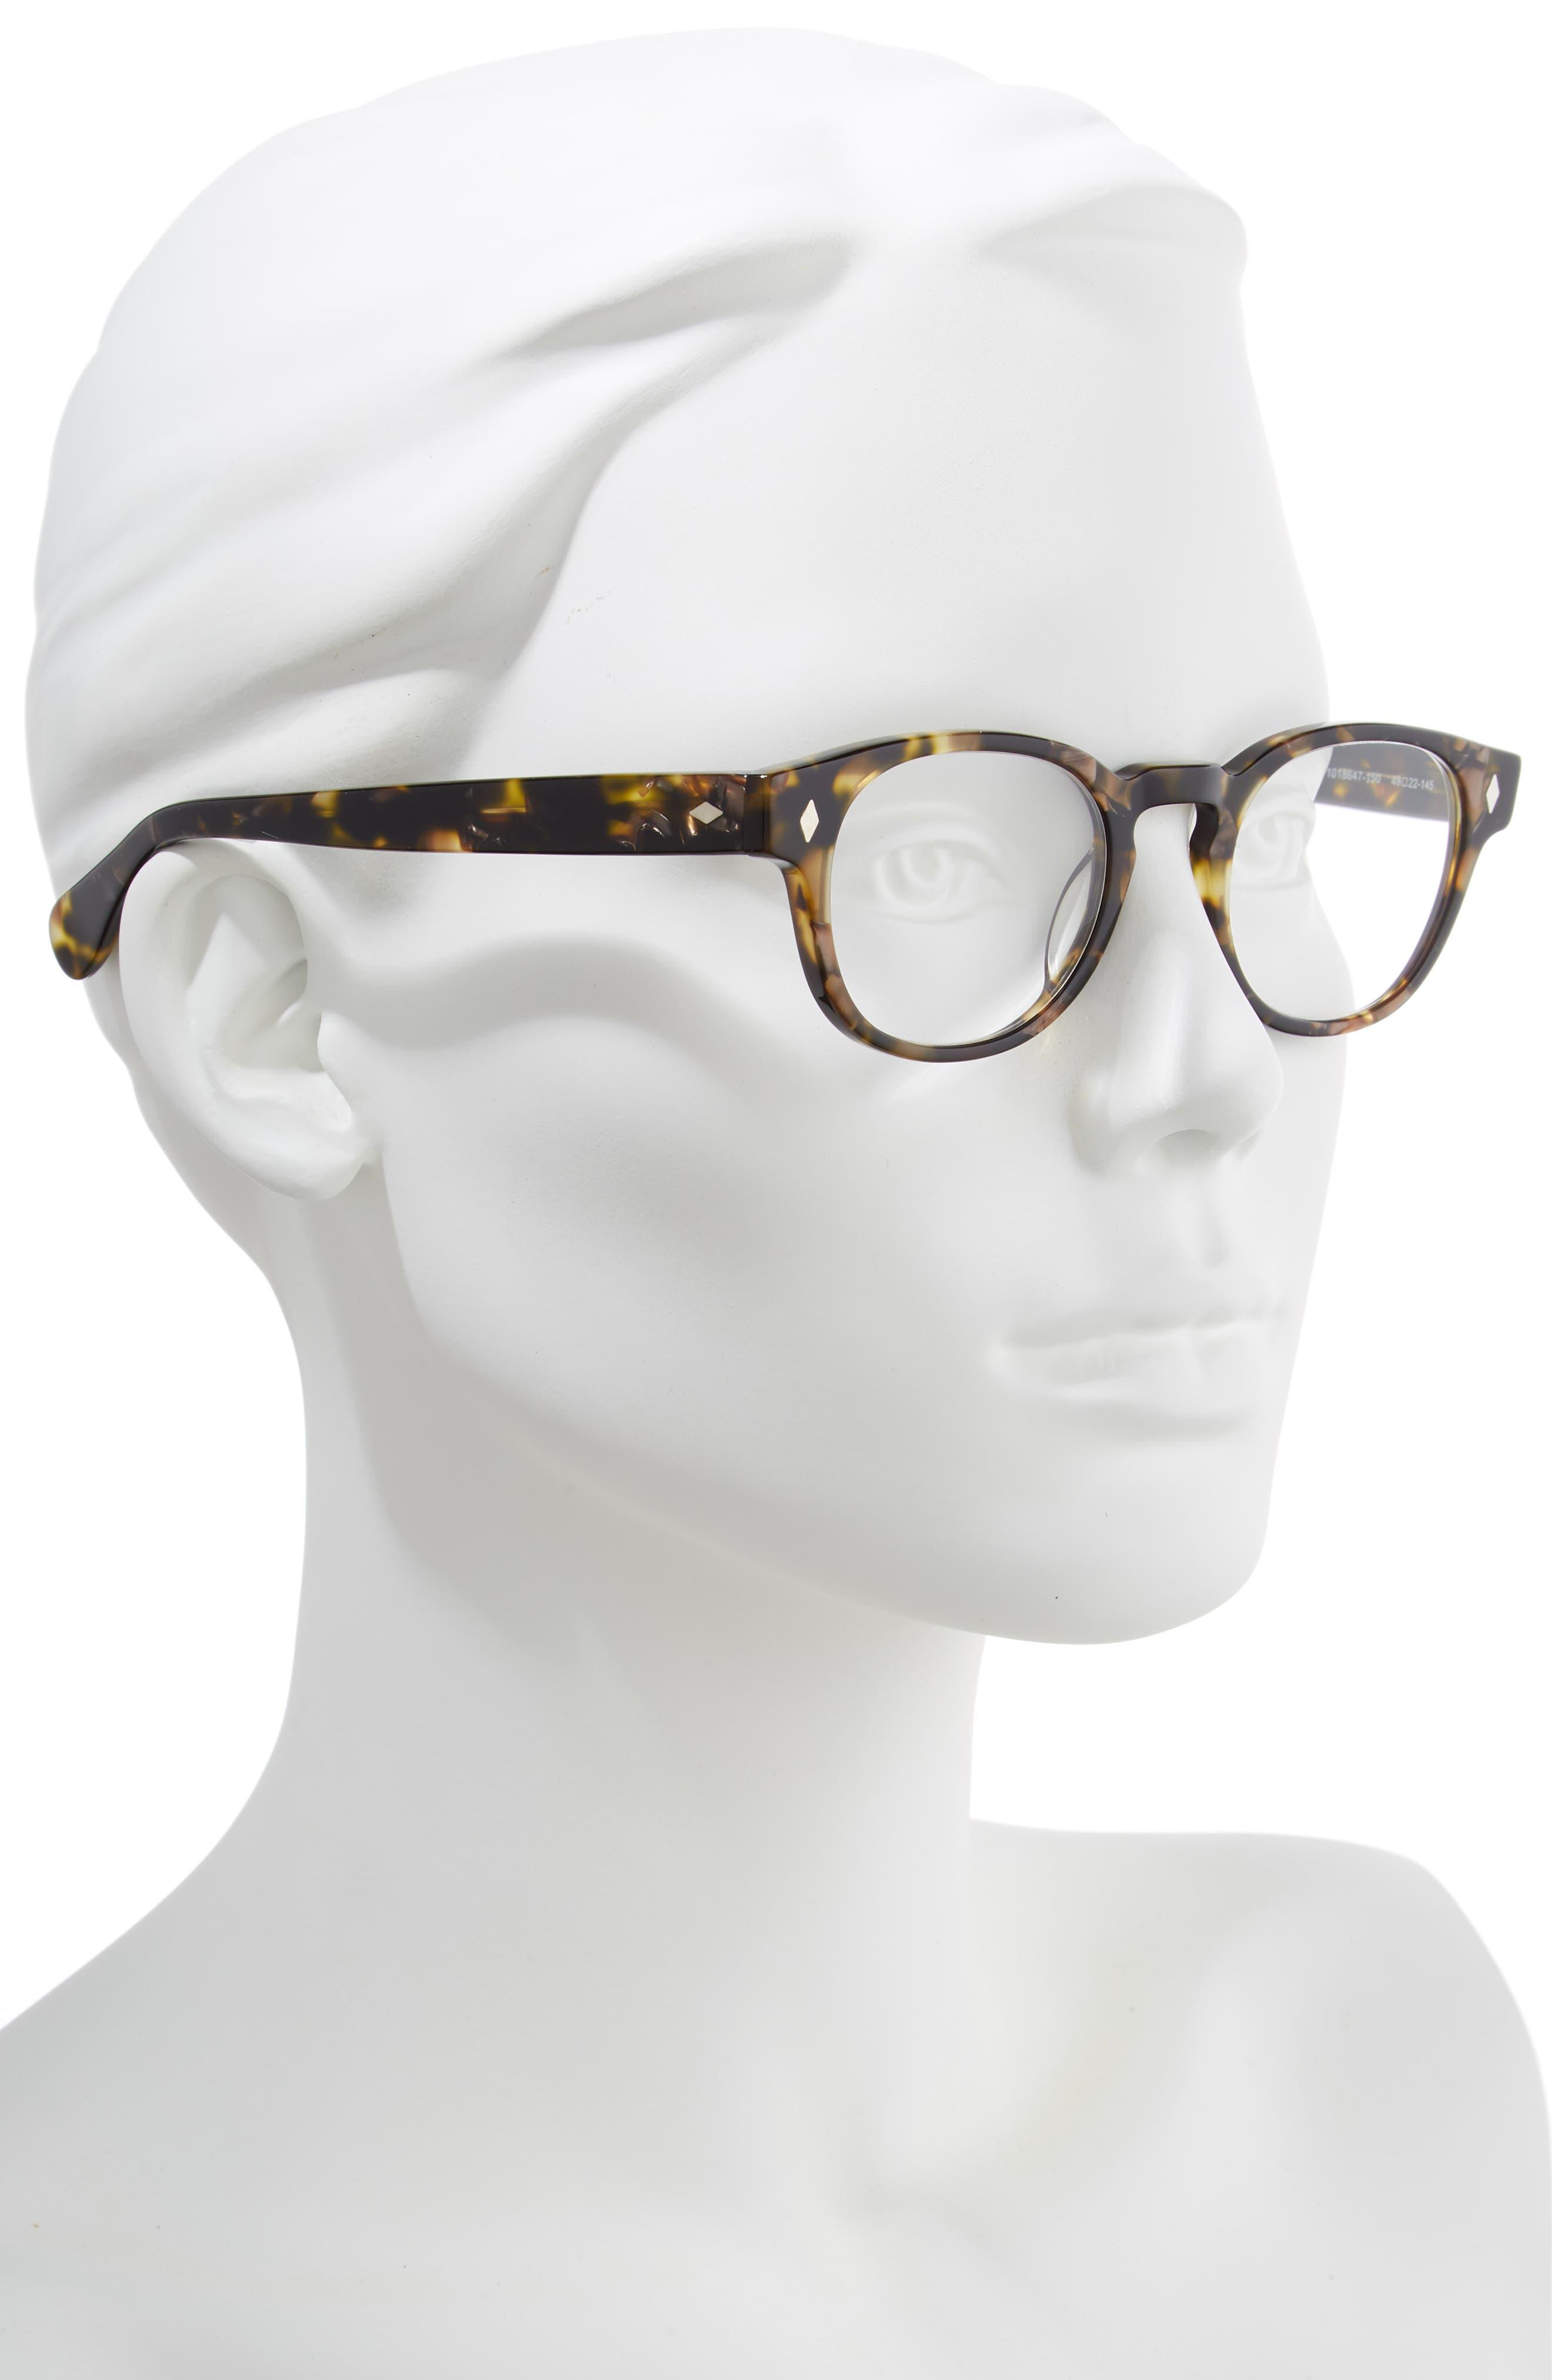 CORINNE MCCORMACK, Elsa 48mm Reading Glasses, Alternate thumbnail 2, color, METALLIC TORTOISE